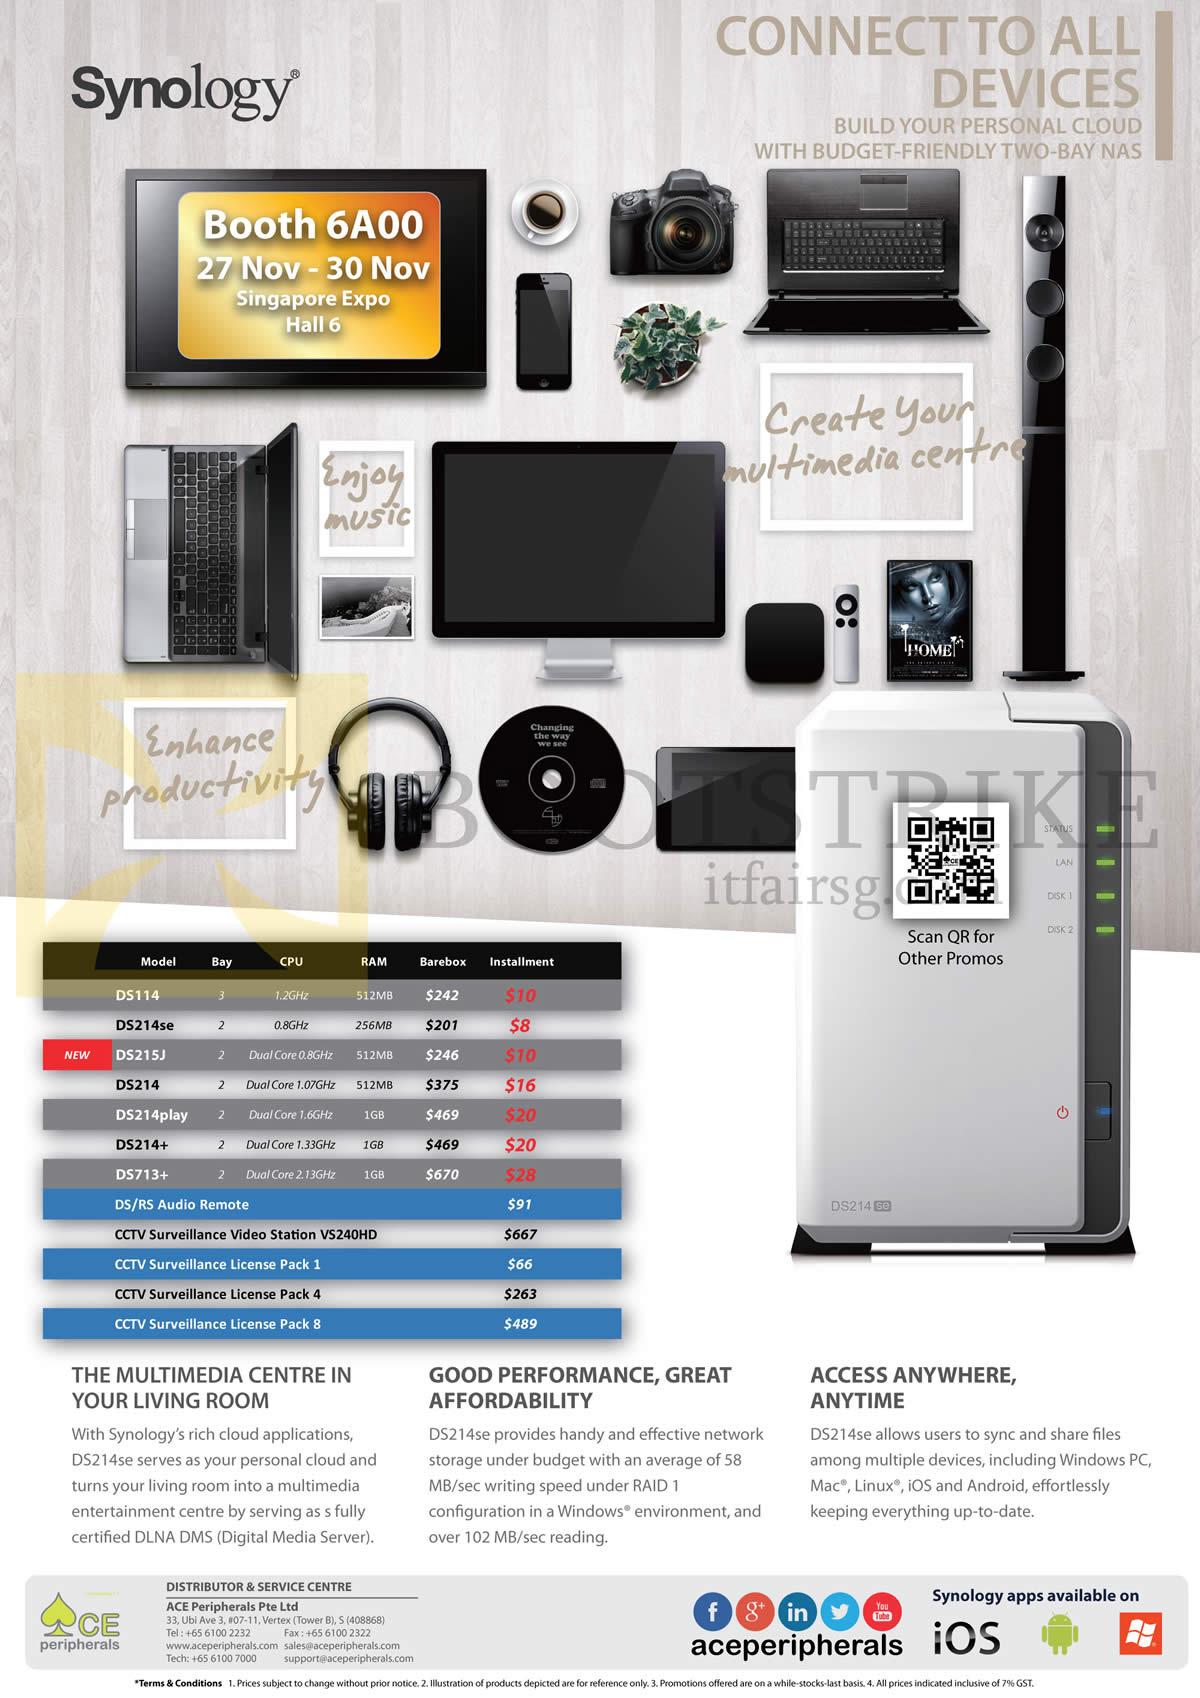 SITEX 2014 price list image brochure of Ace Peripherals Synology NAS DiskStation DS115, DS214se, DS215J, DS214Plus, DS214, DS214play, DS713 Plus, CCTV Surveillance